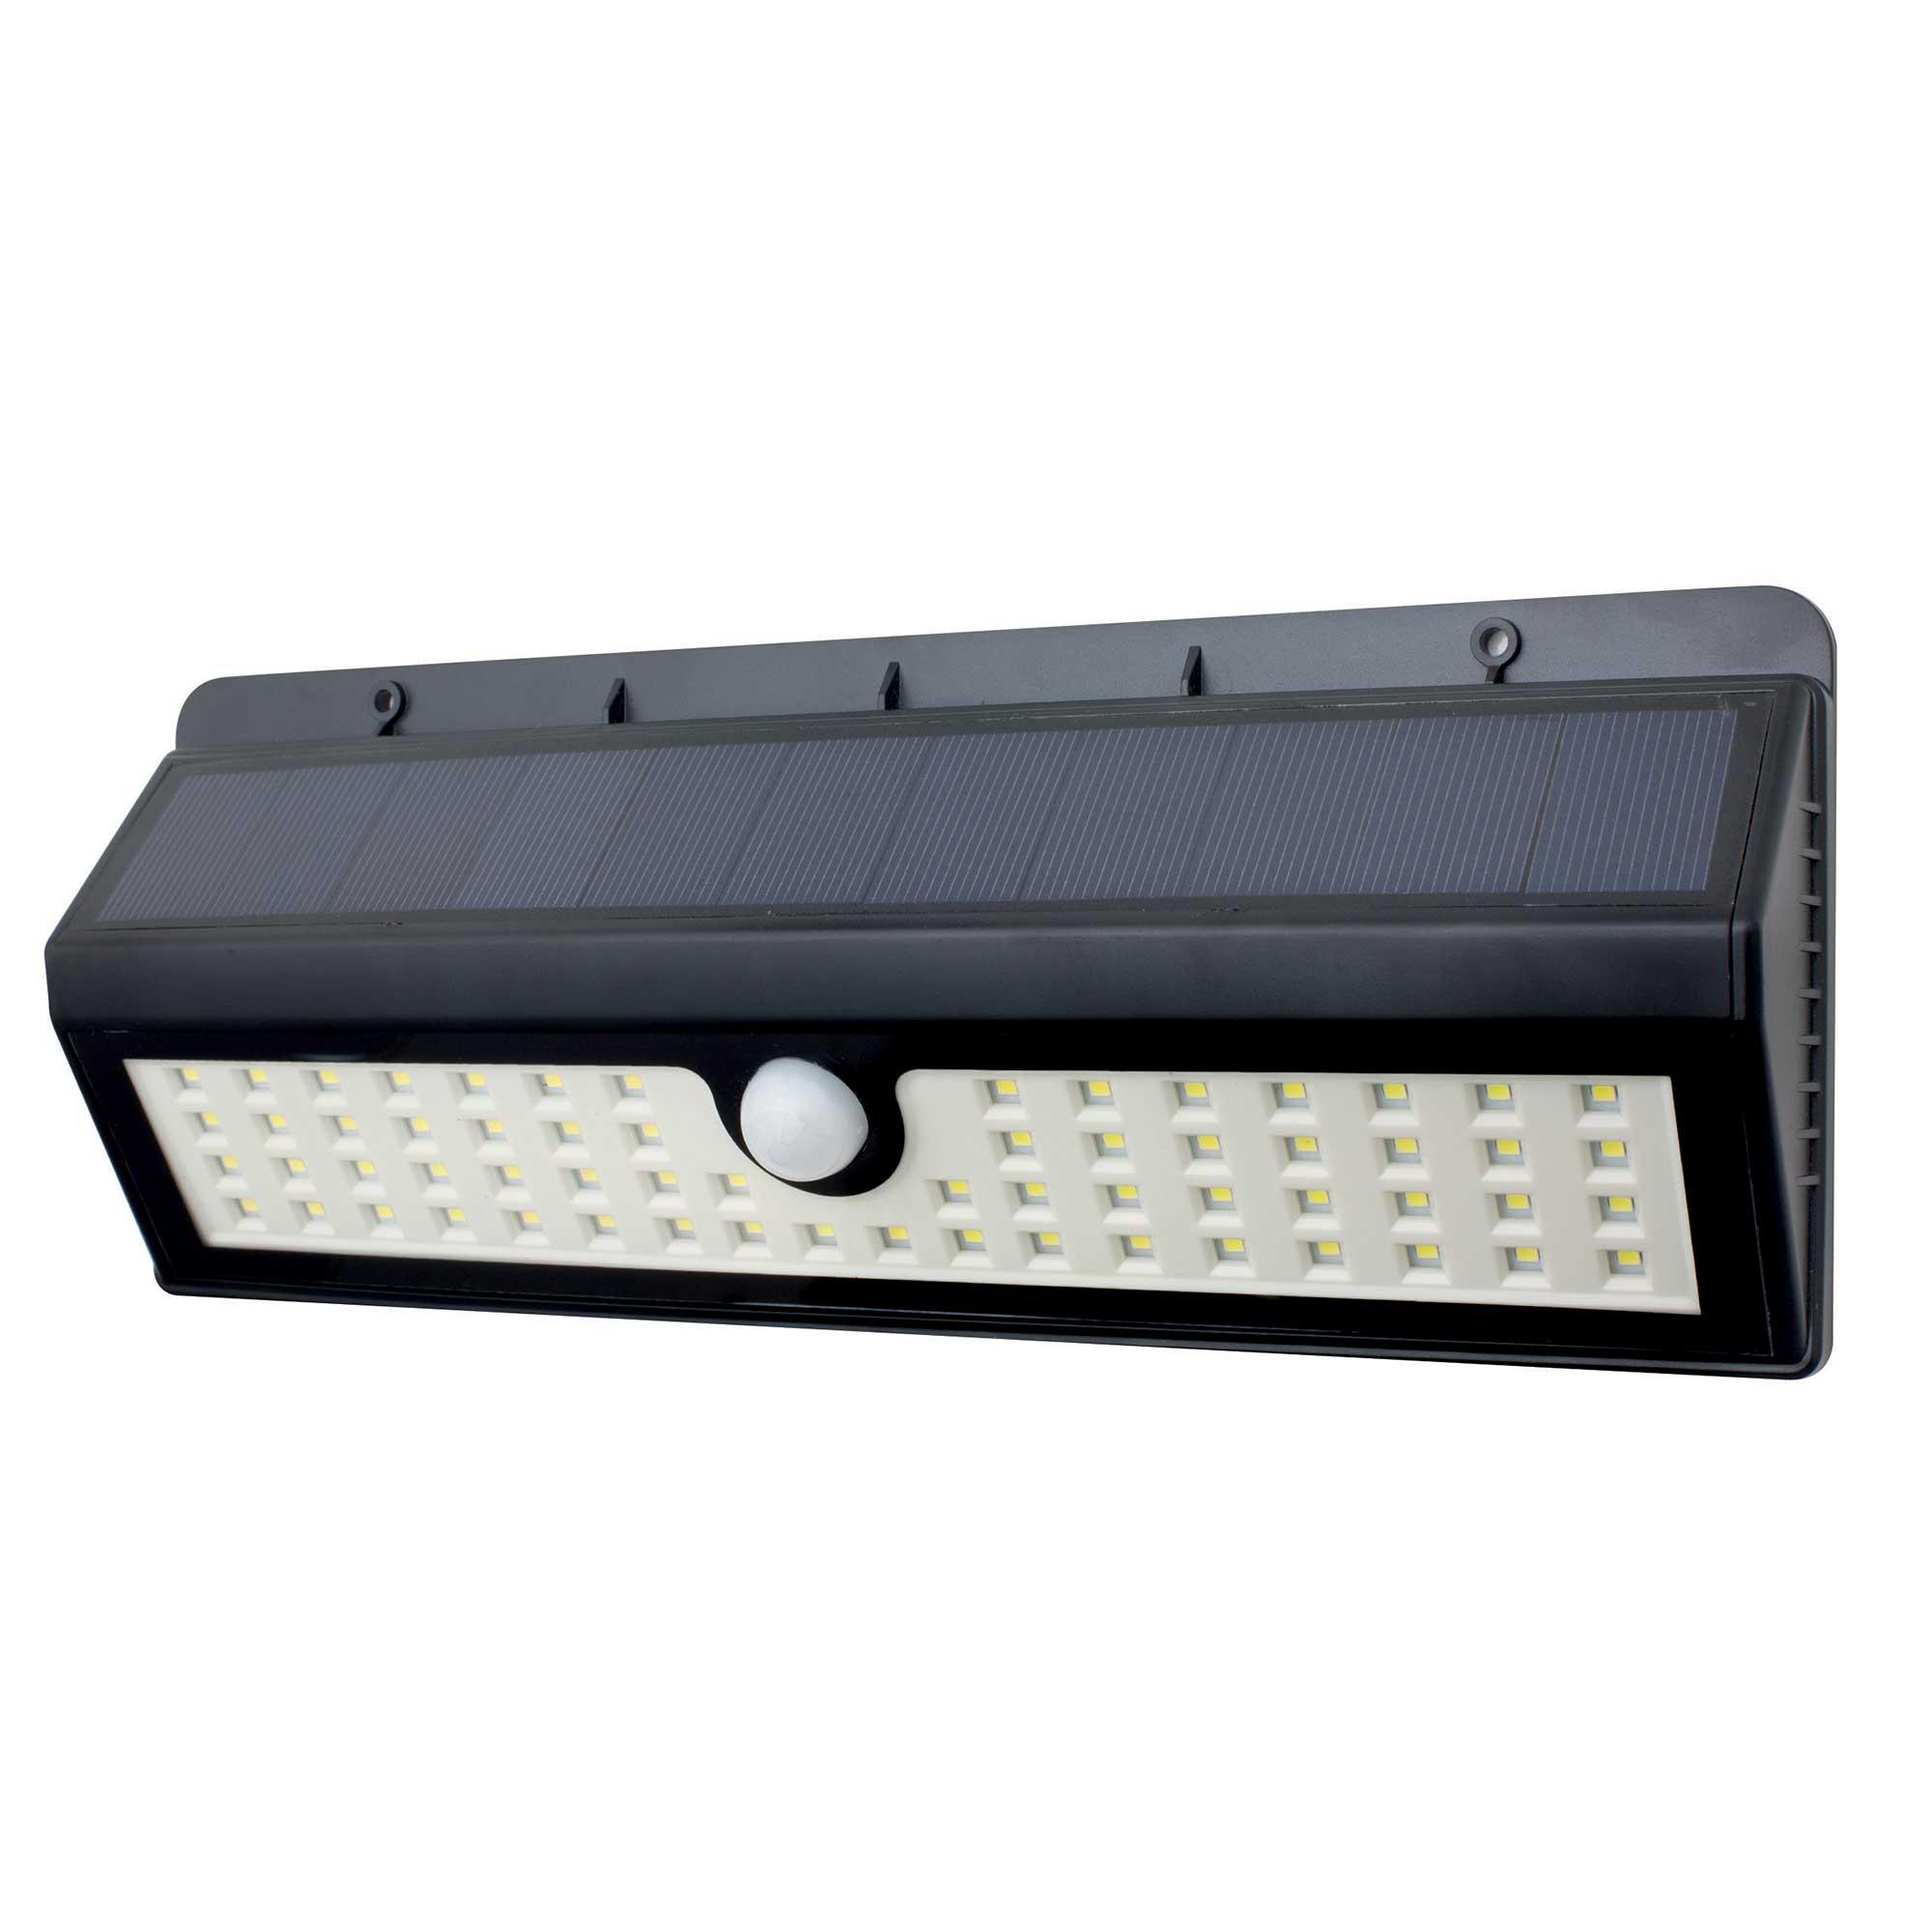 notre gamme applique led solaire avec detecteur de mouvement beesolar. Black Bedroom Furniture Sets. Home Design Ideas